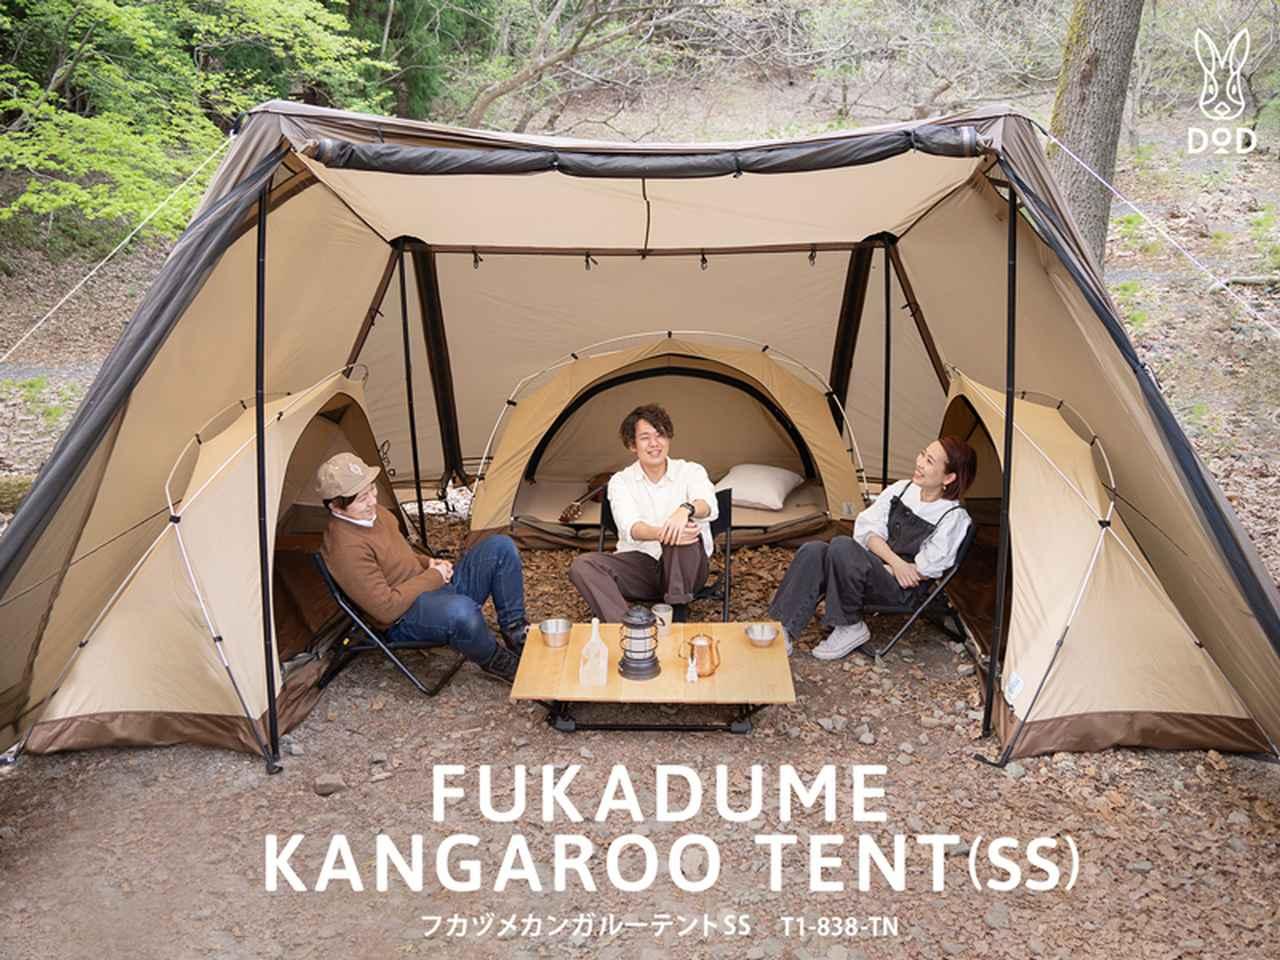 画像: フカヅメカンガルーテントSS T1-838-TN - DOD(ディーオーディー):キャンプ用品ブランド